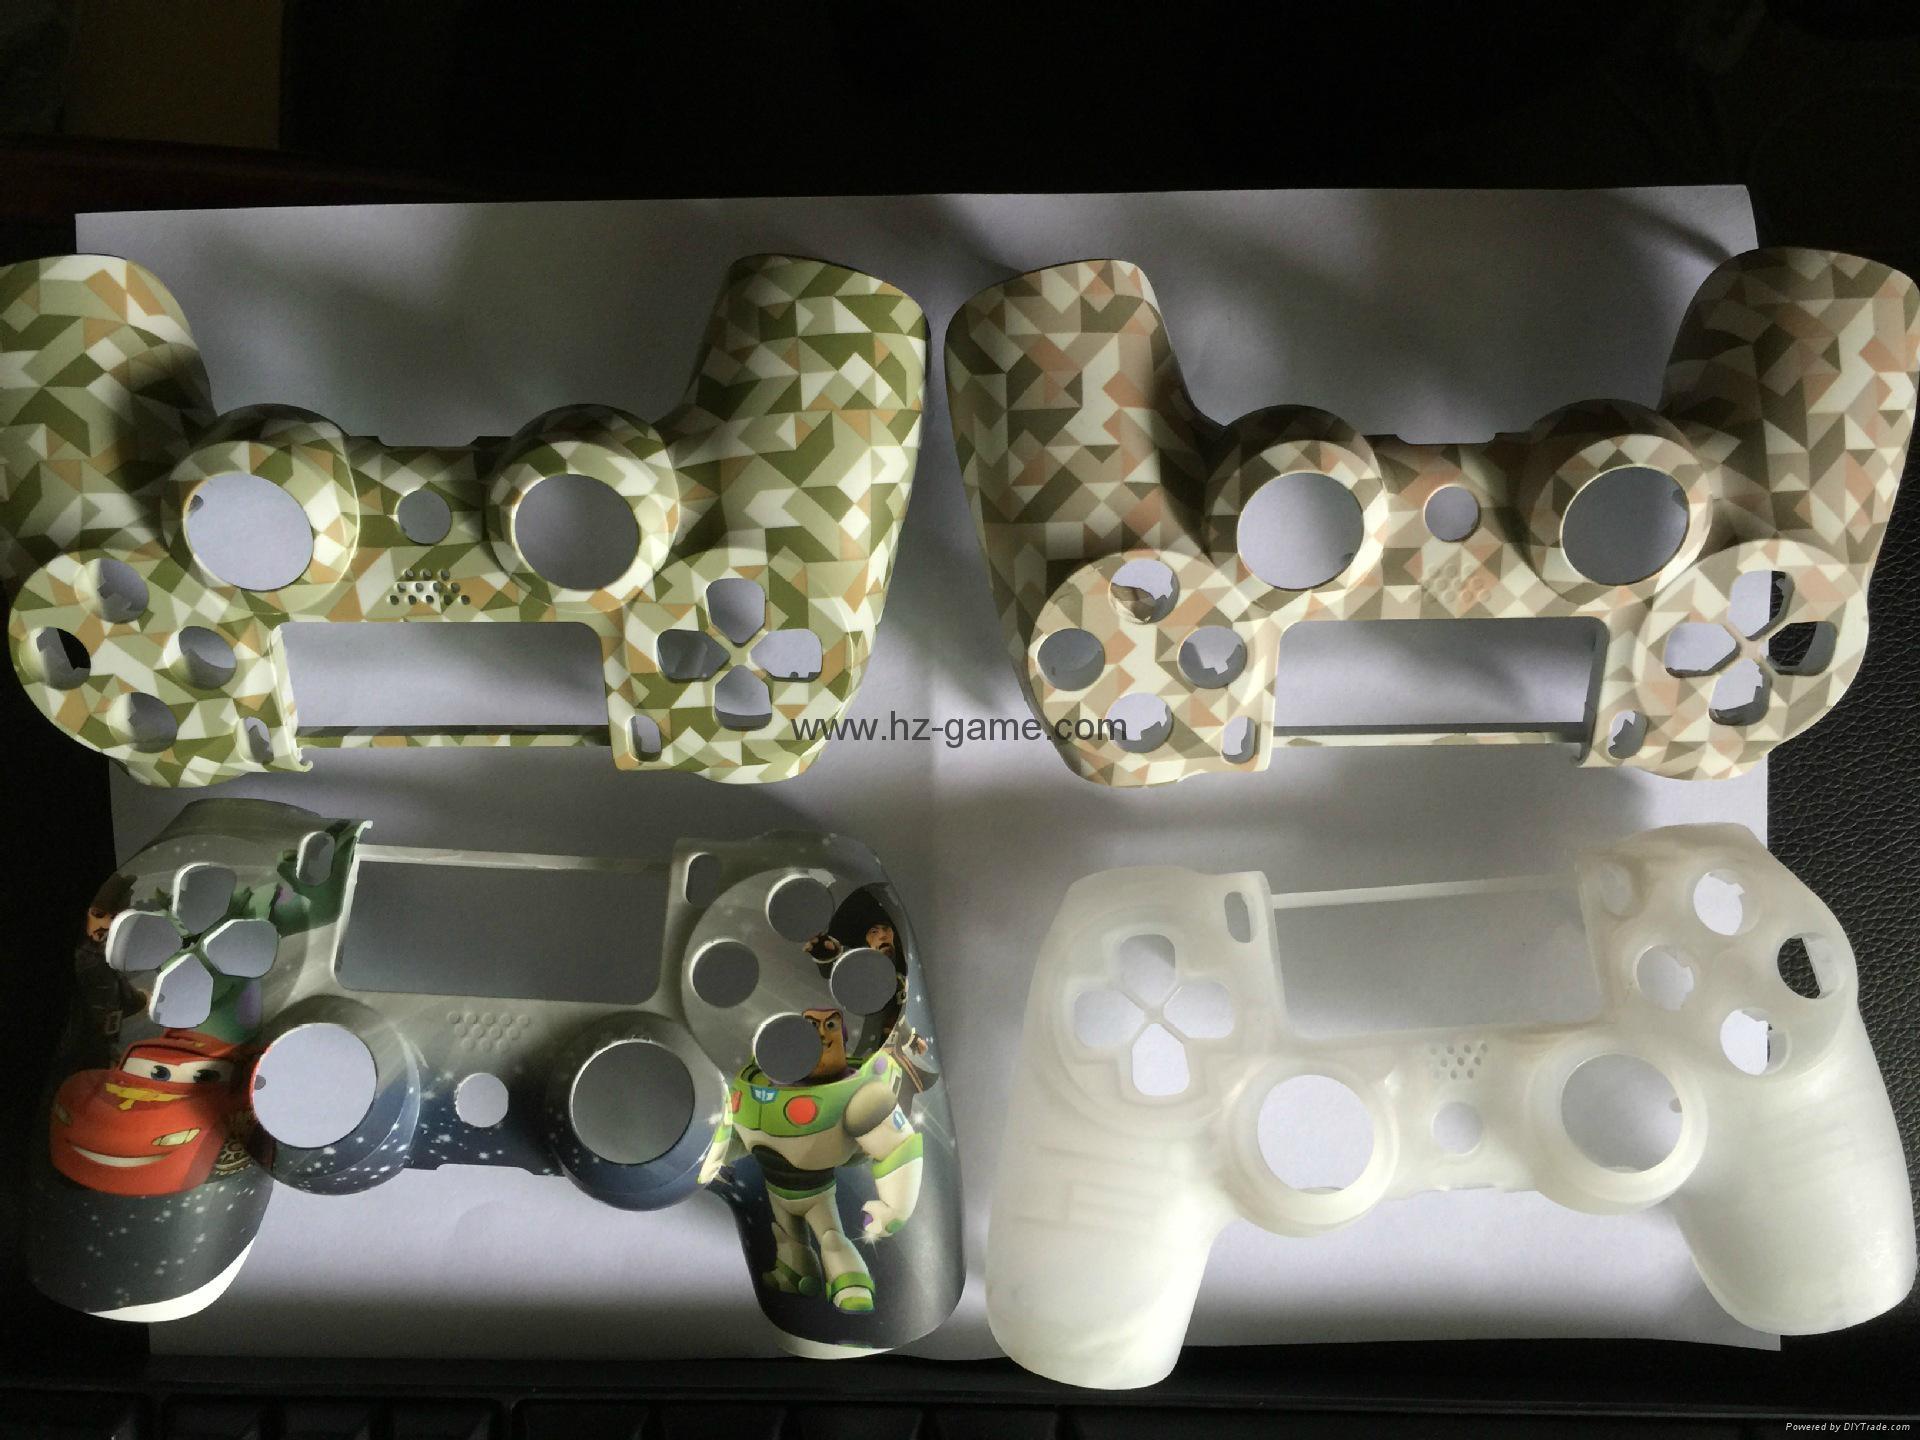 索尼PS4维修配件,手柄摇杆保护帽,3d摇杆,导电胶,按键 15